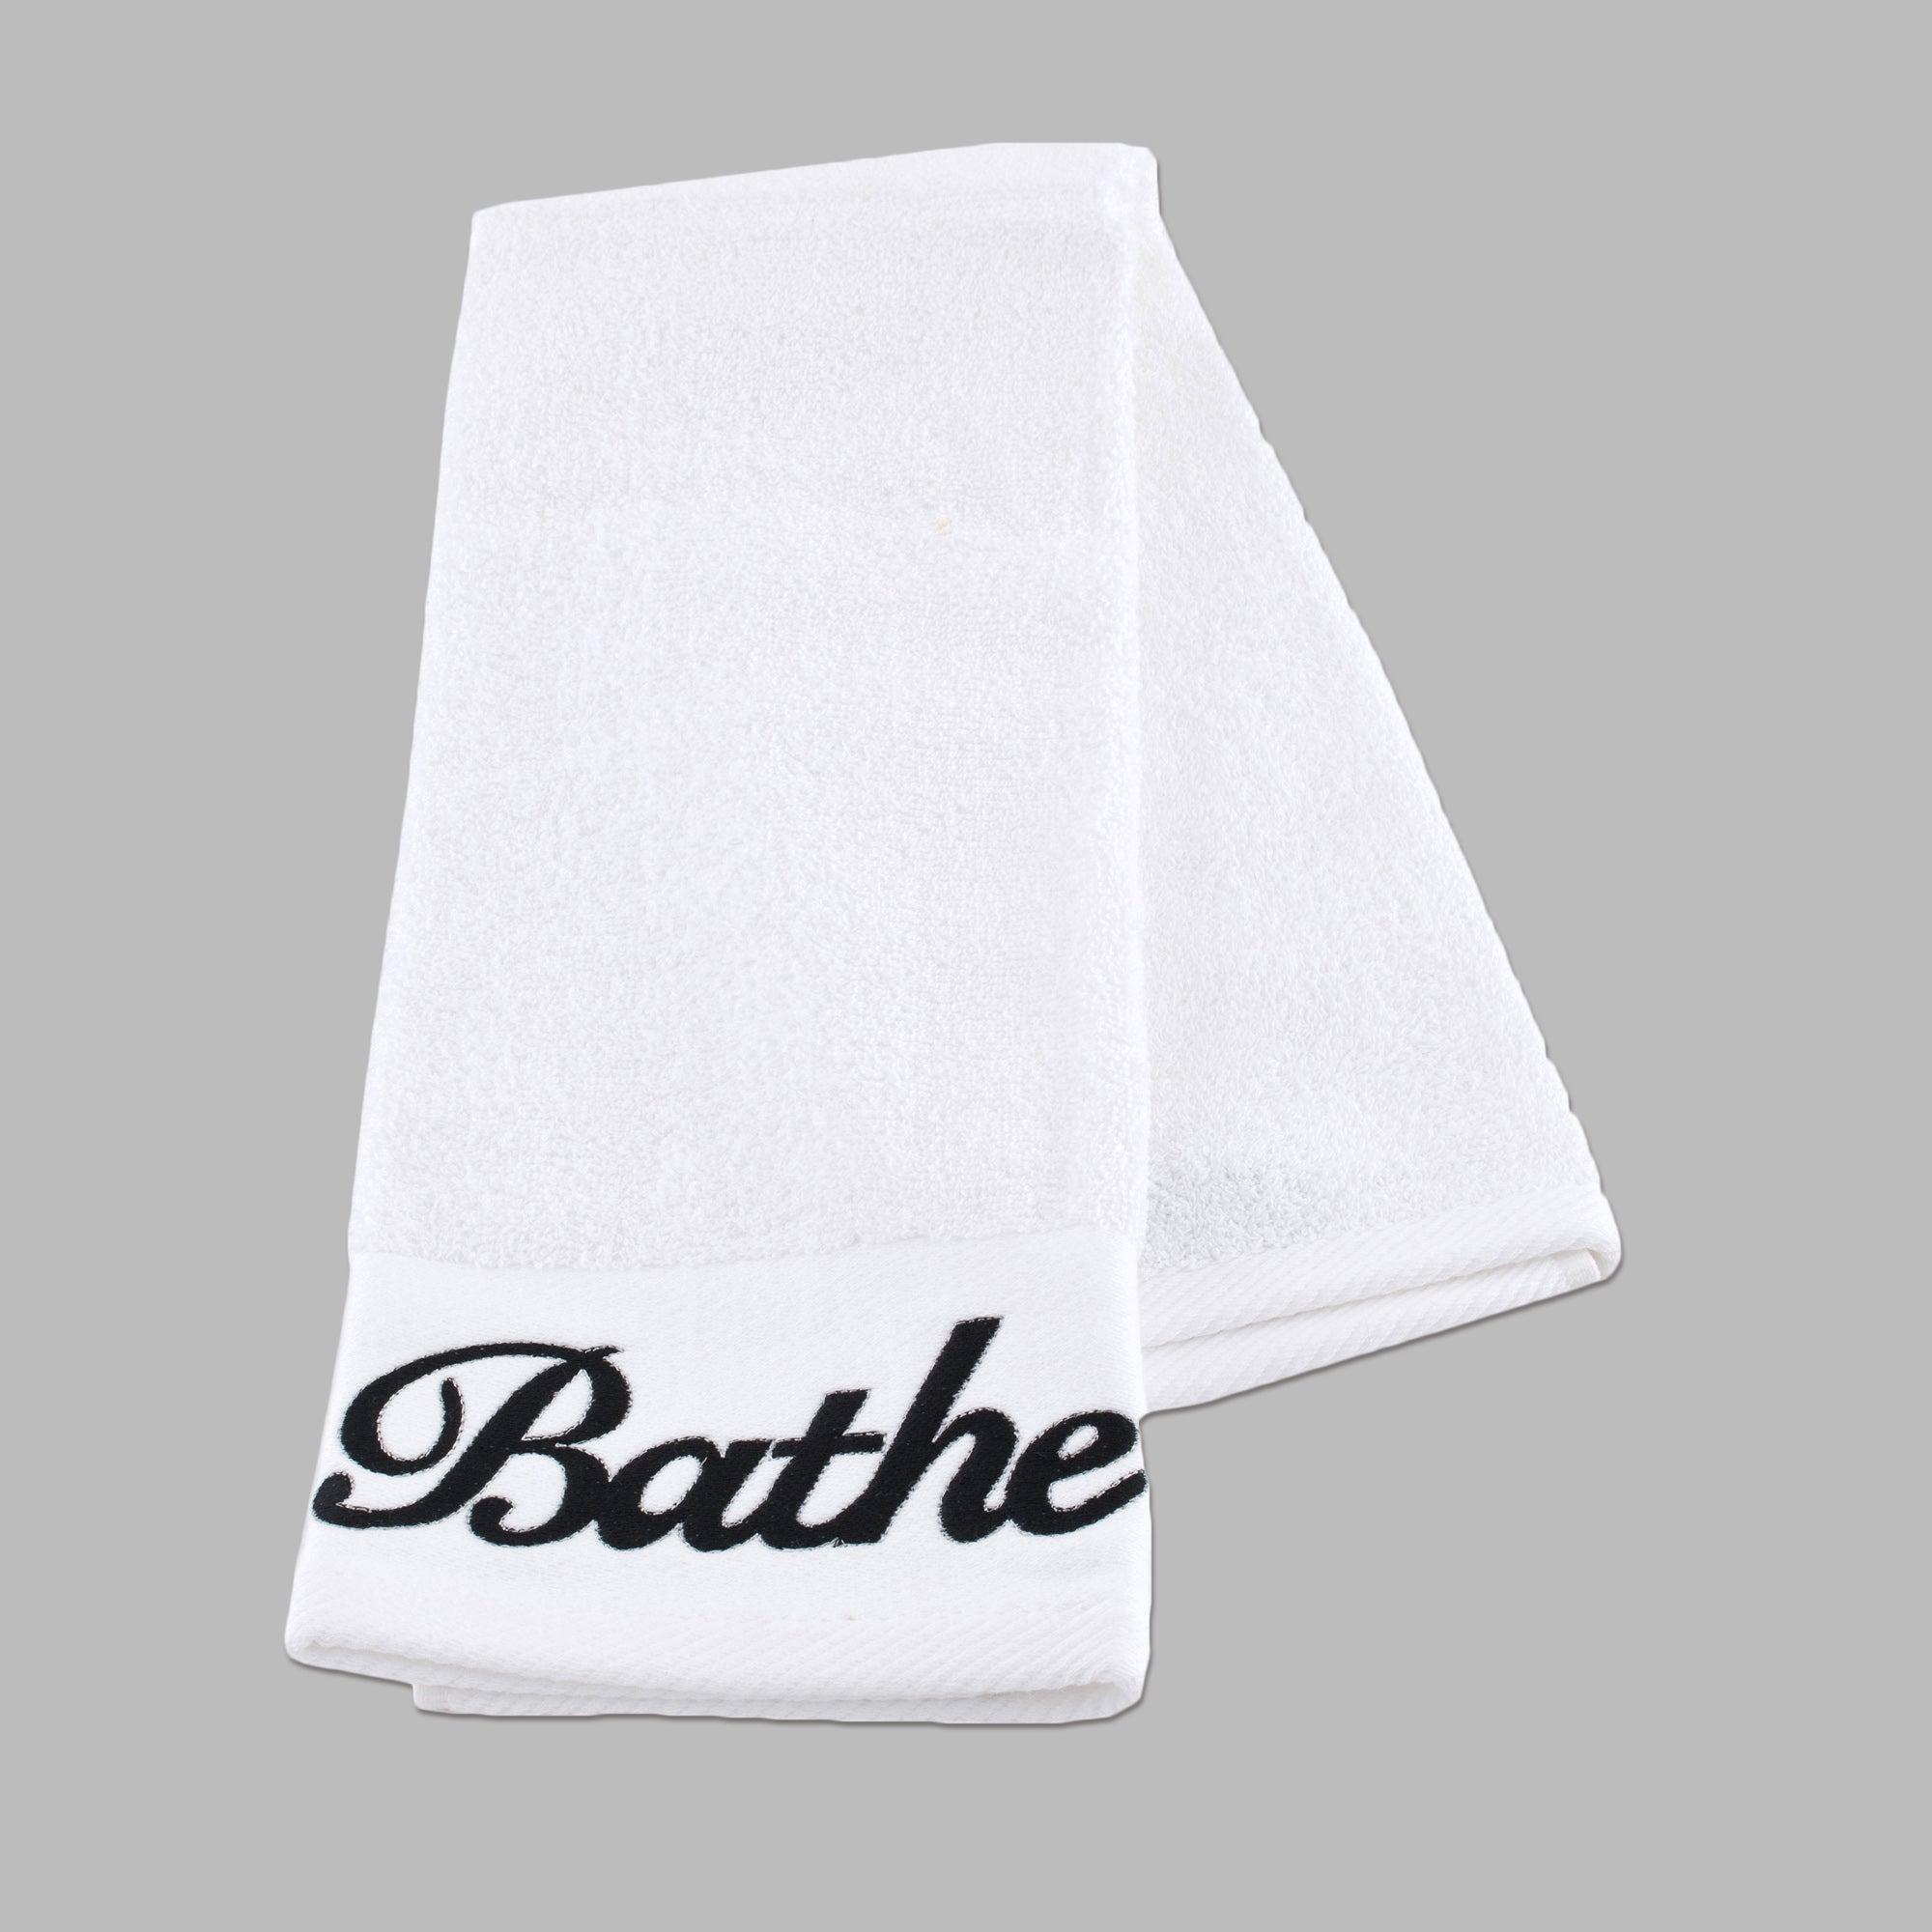 Jewel Bathe Hand Towel